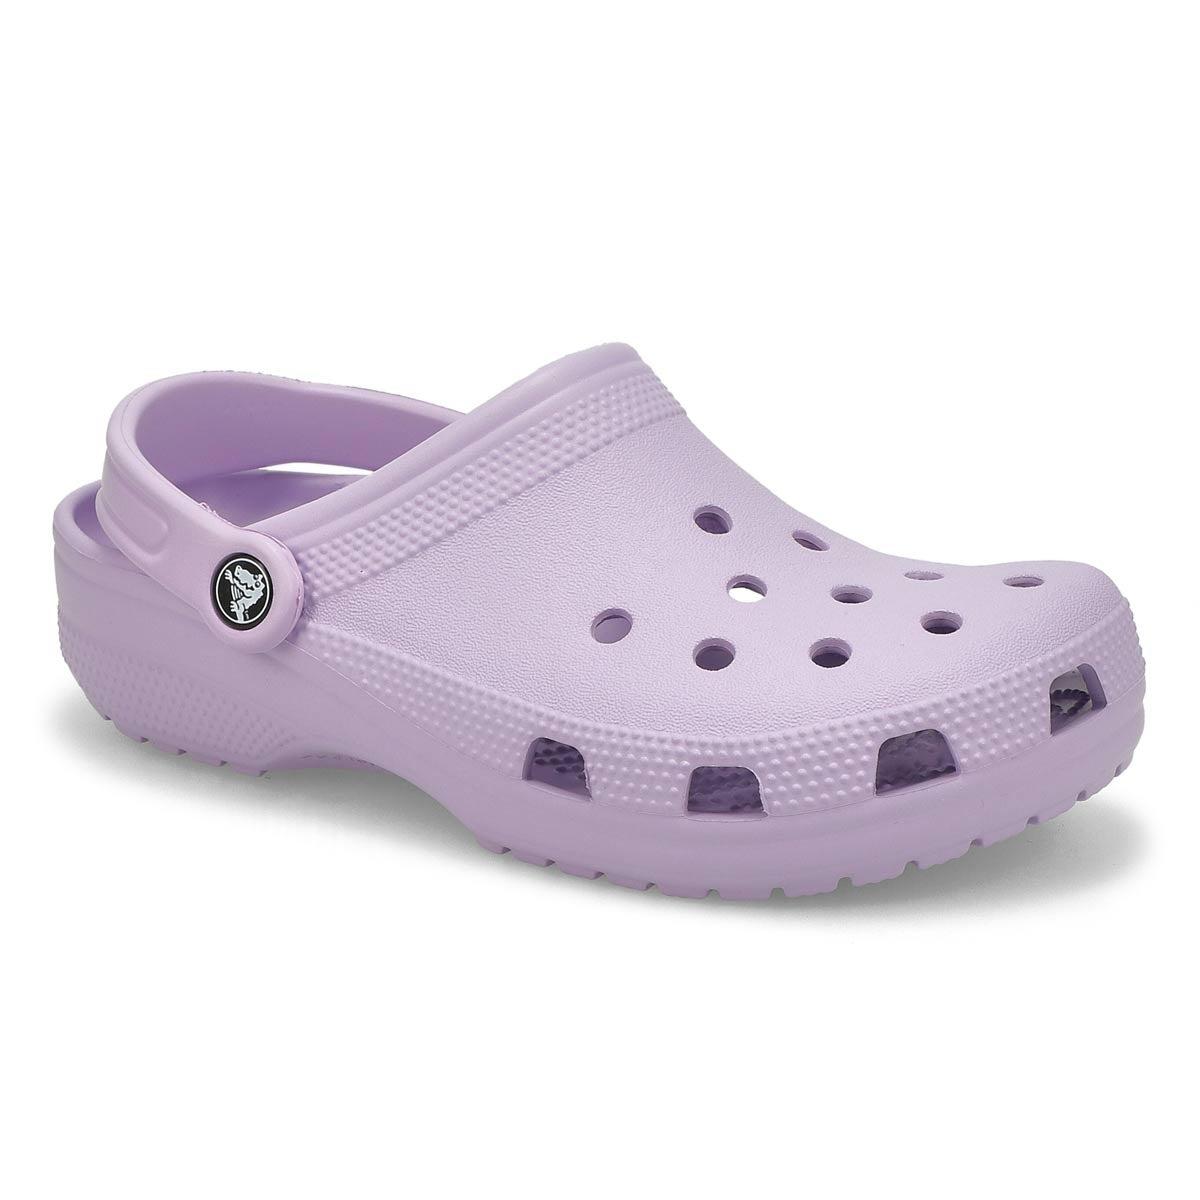 Lds Classic lavender EVA comfort clog